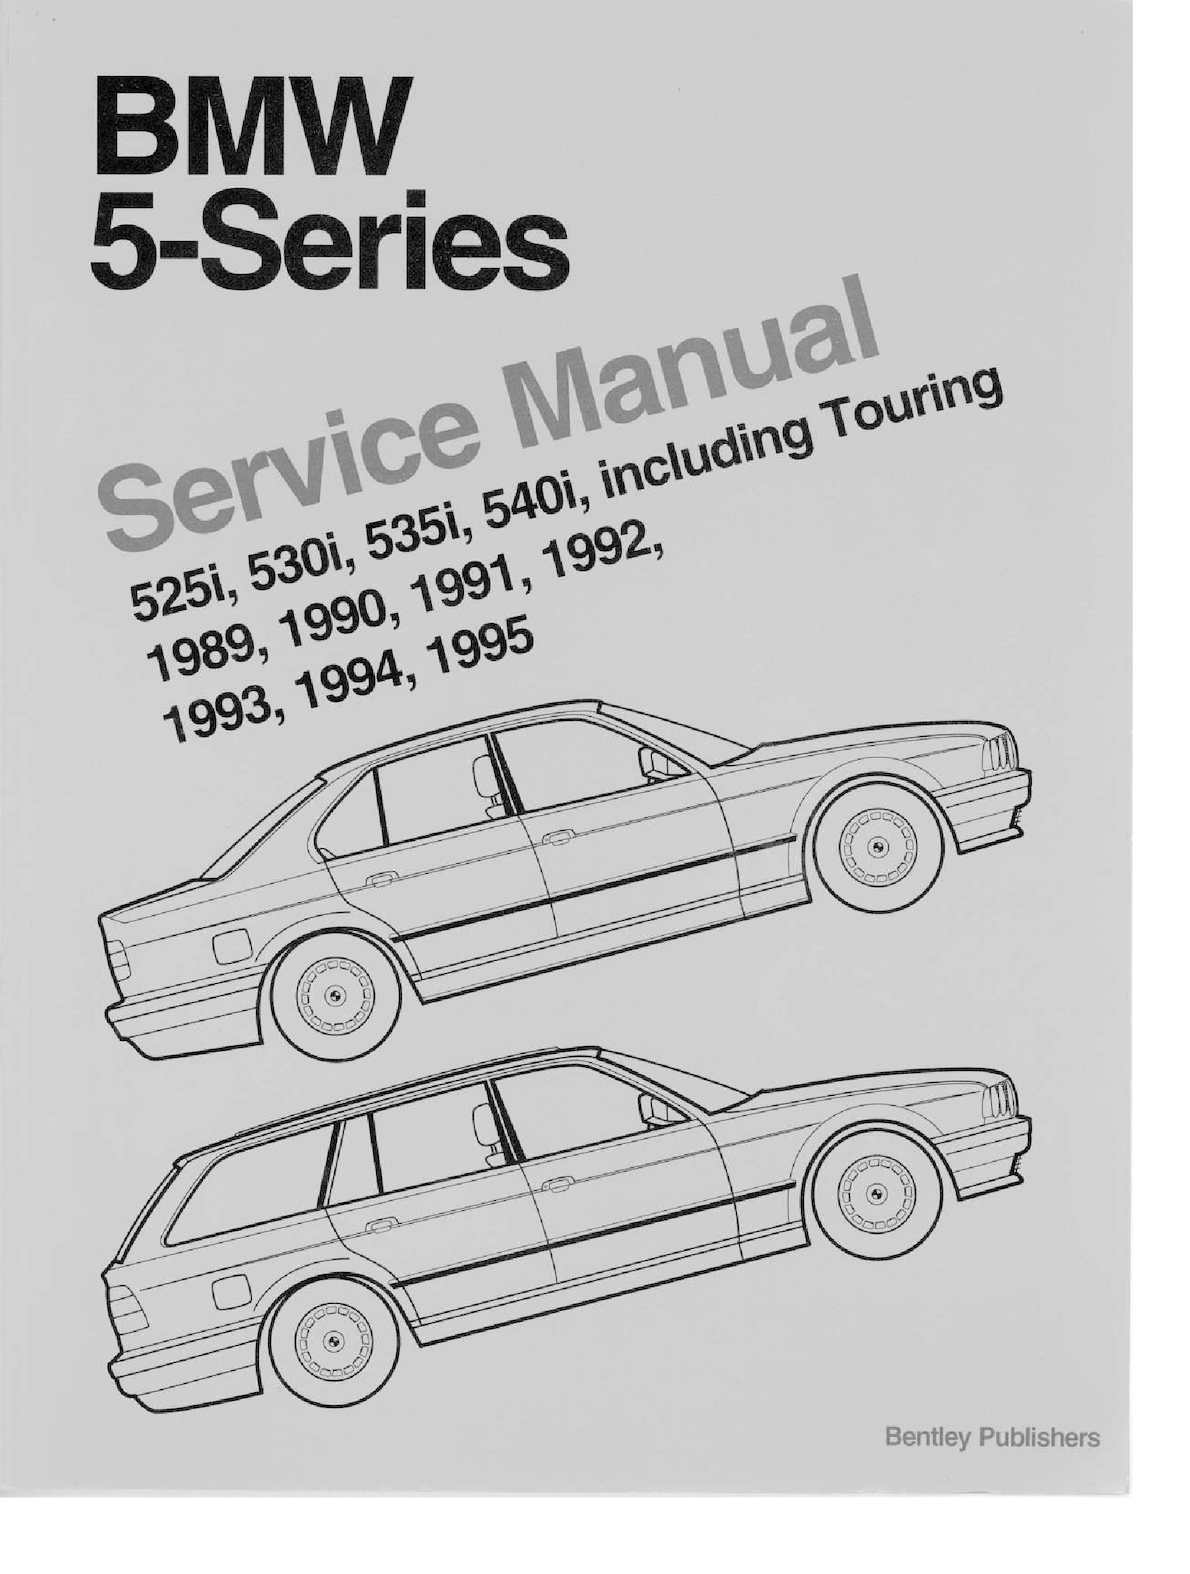 Bentley E34 Bmw Service Manual